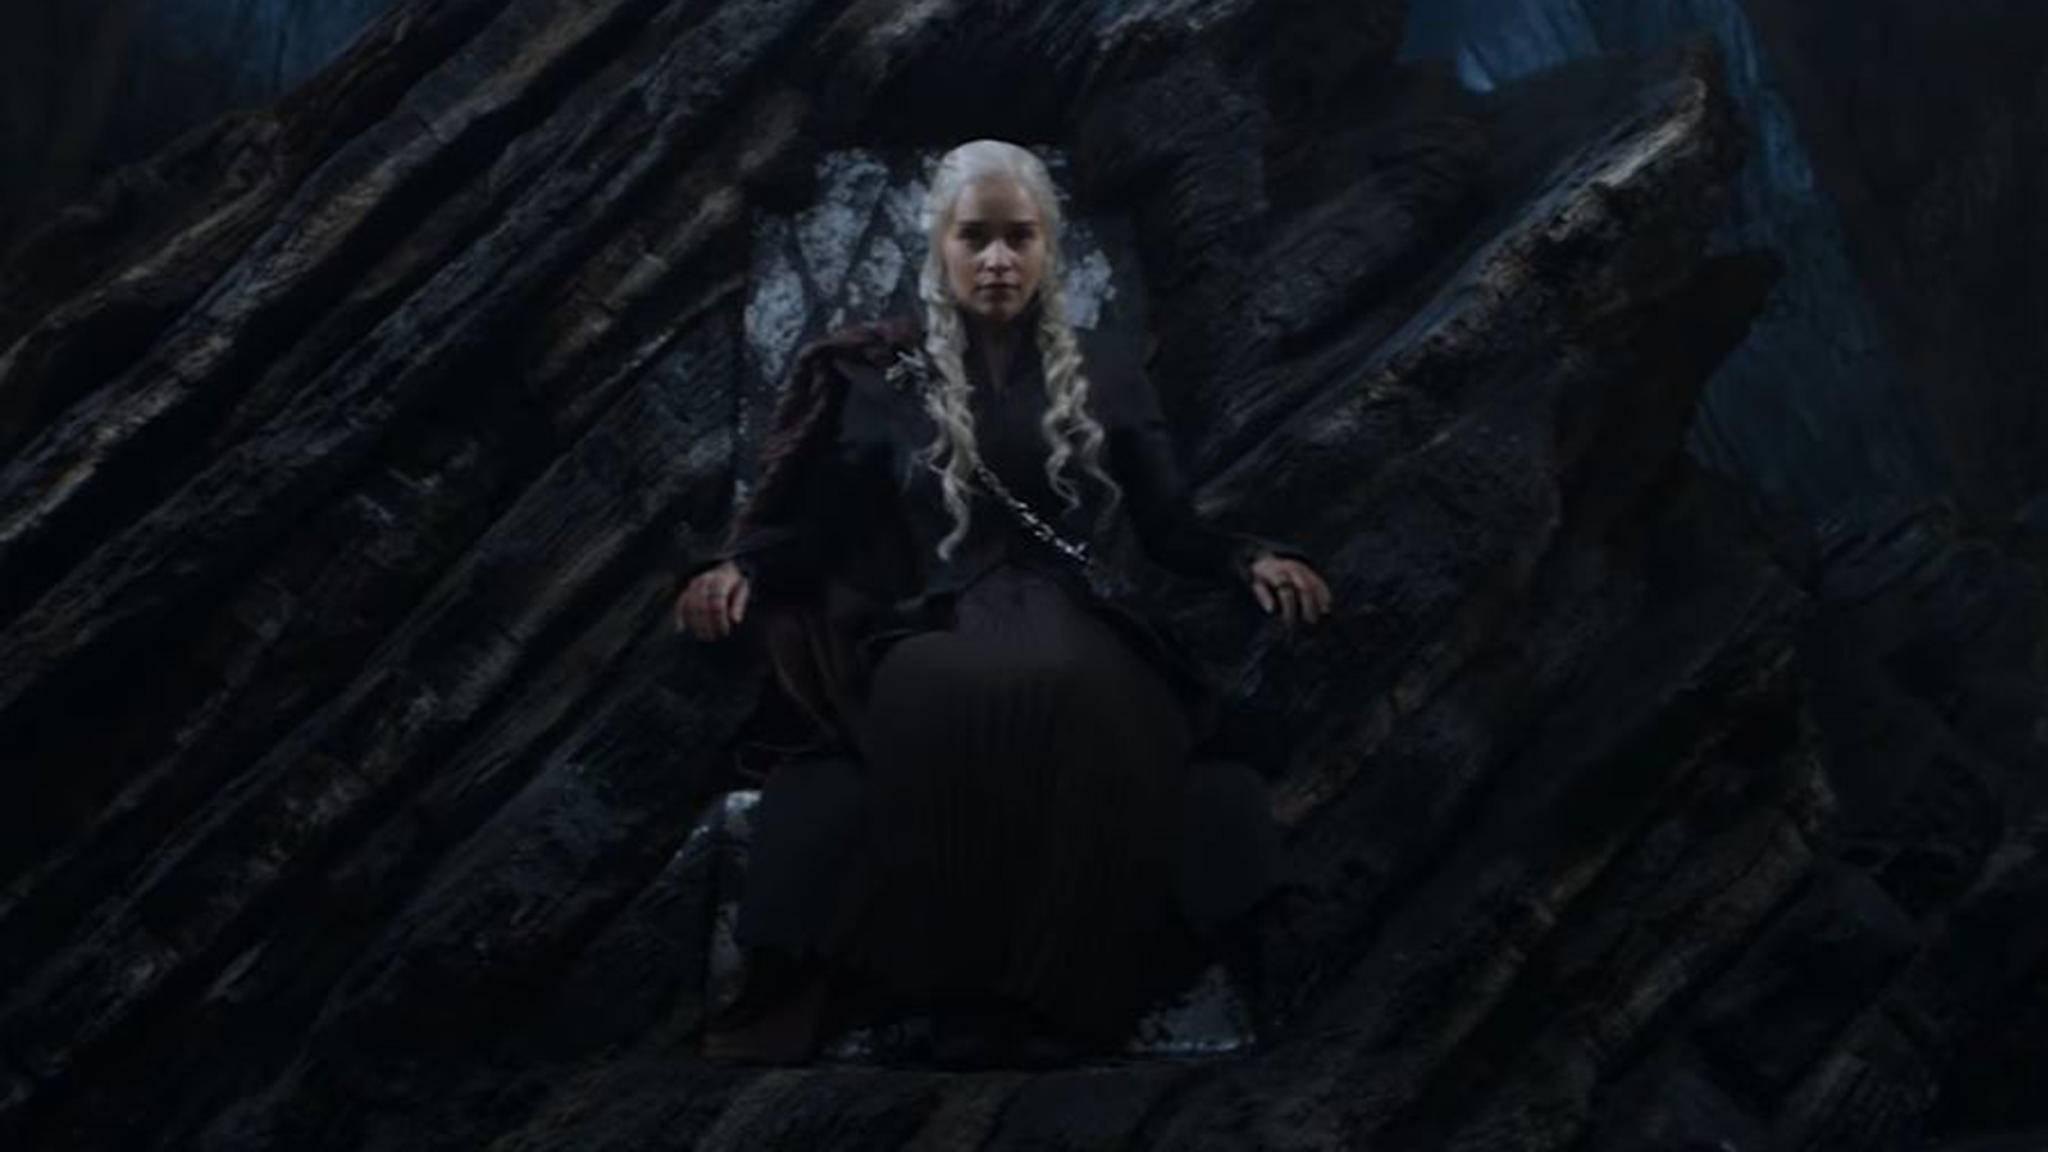 Befindet sich Daenerys Targaryen hier tatsächlich in Drachenstein?